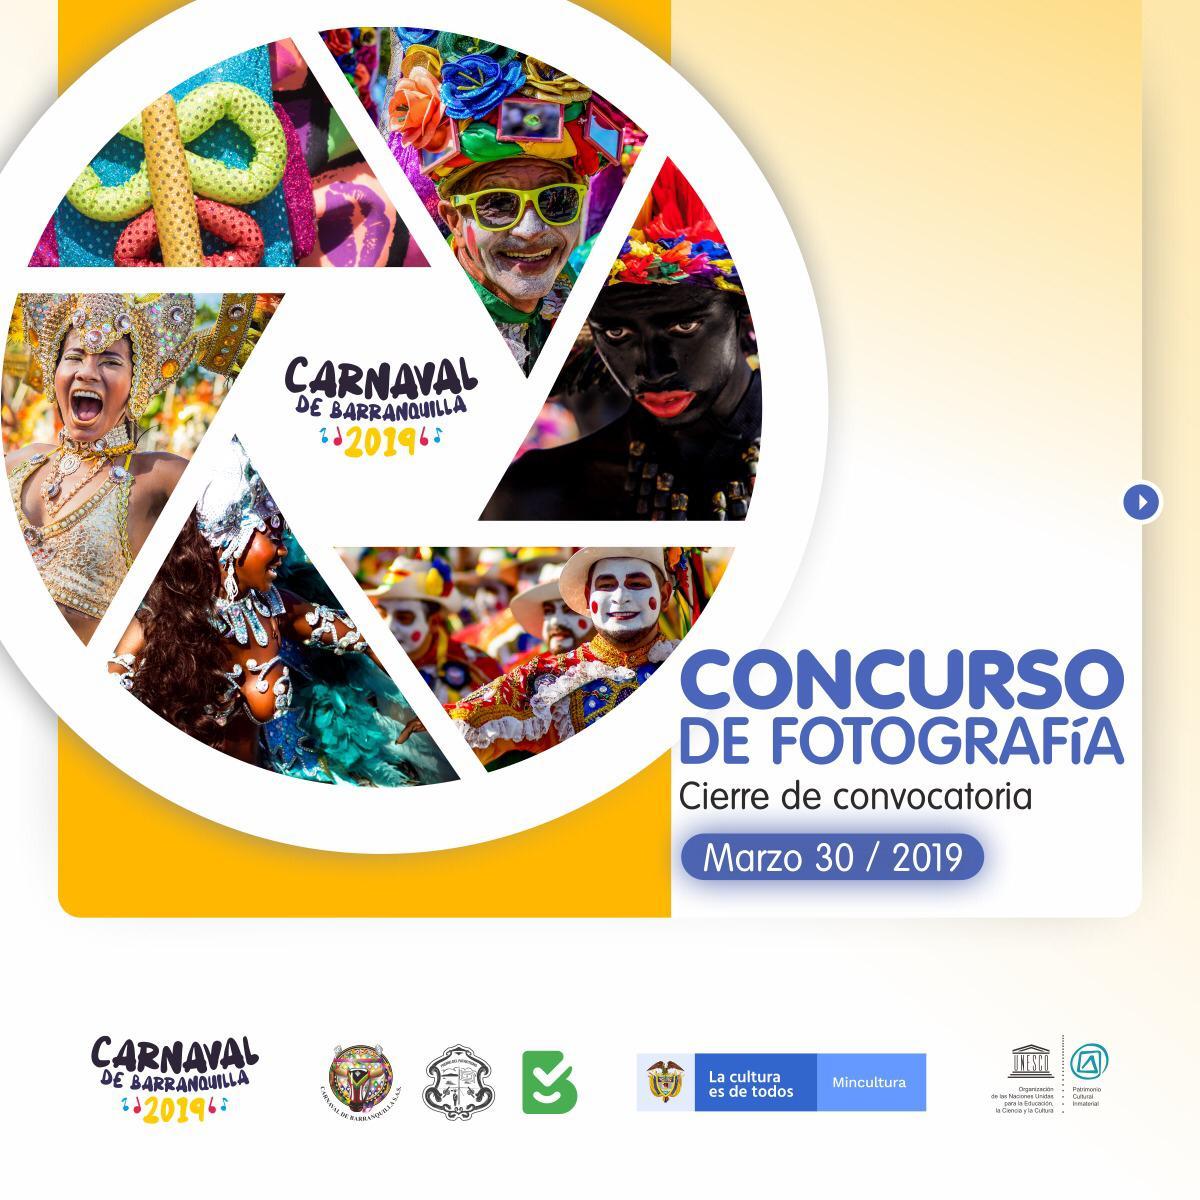 Abierta convocatoria del Concurso Nacional de Fotografía del Carnaval de Barranquilla